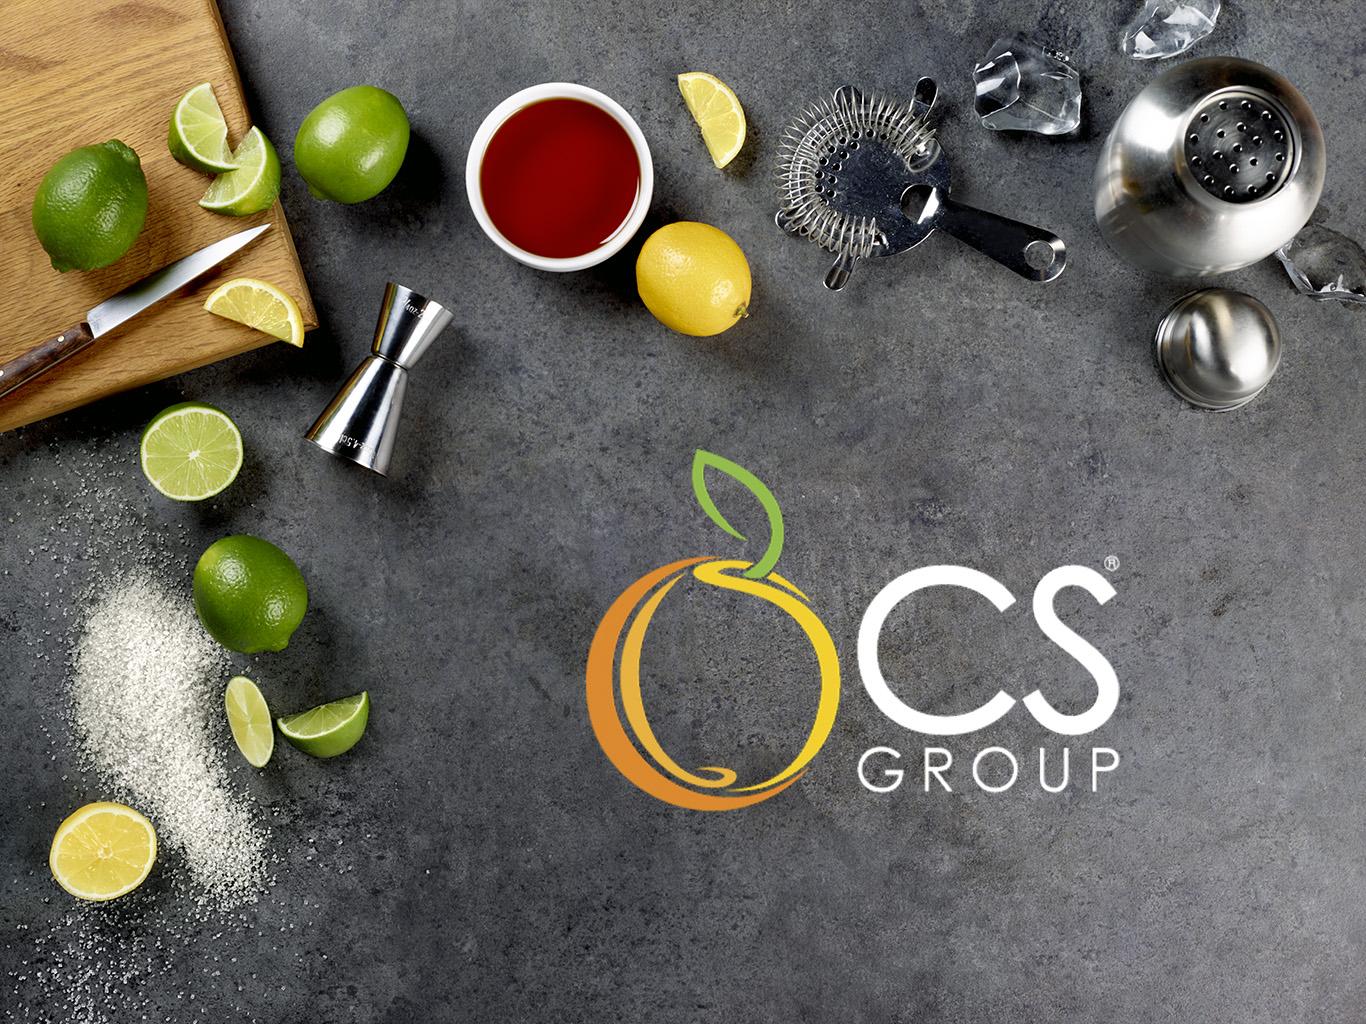 cs-group-cocktail-ingredients.jpg